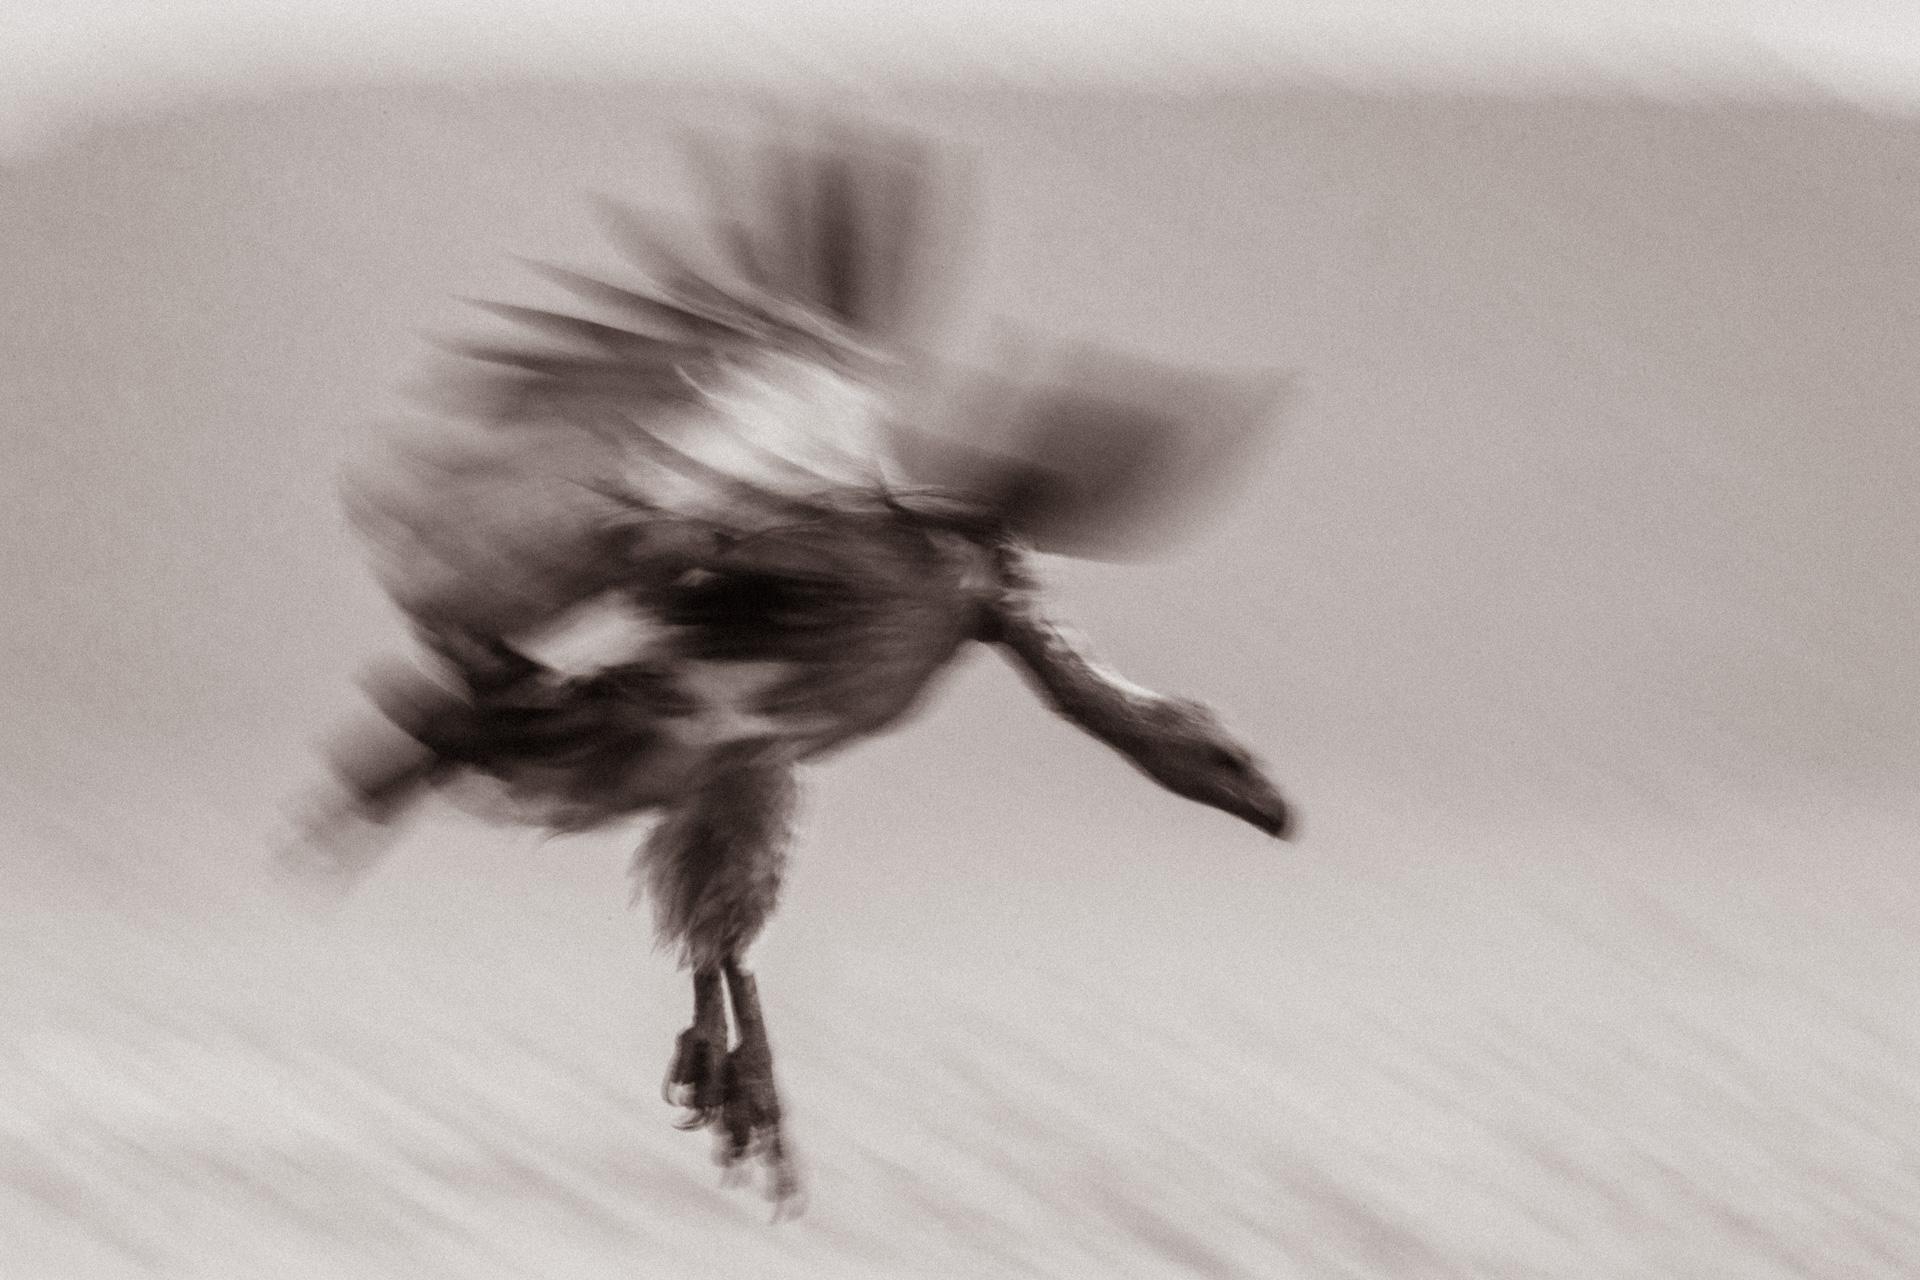 Vulture blurred flight